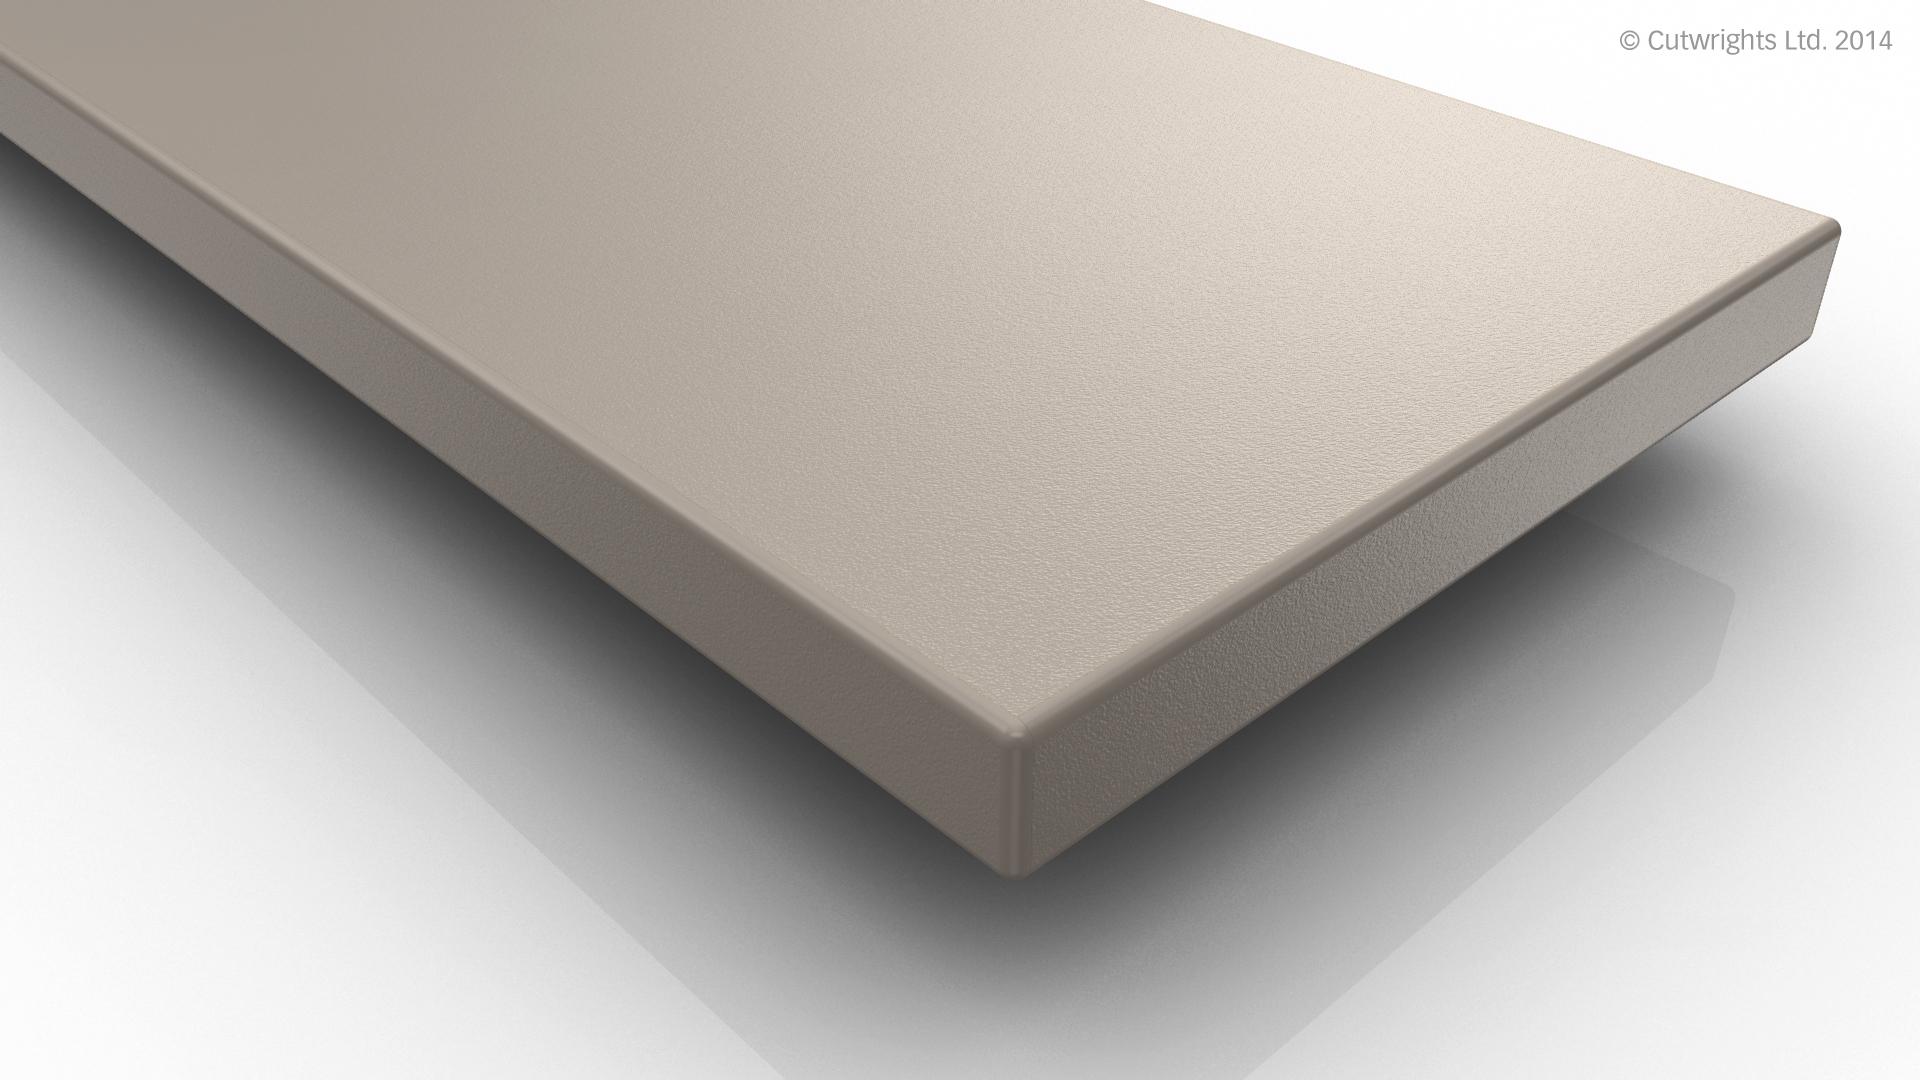 Board Range - MDF, High Gloss Acrylic, MFC MDF, MF MDF, Plywood